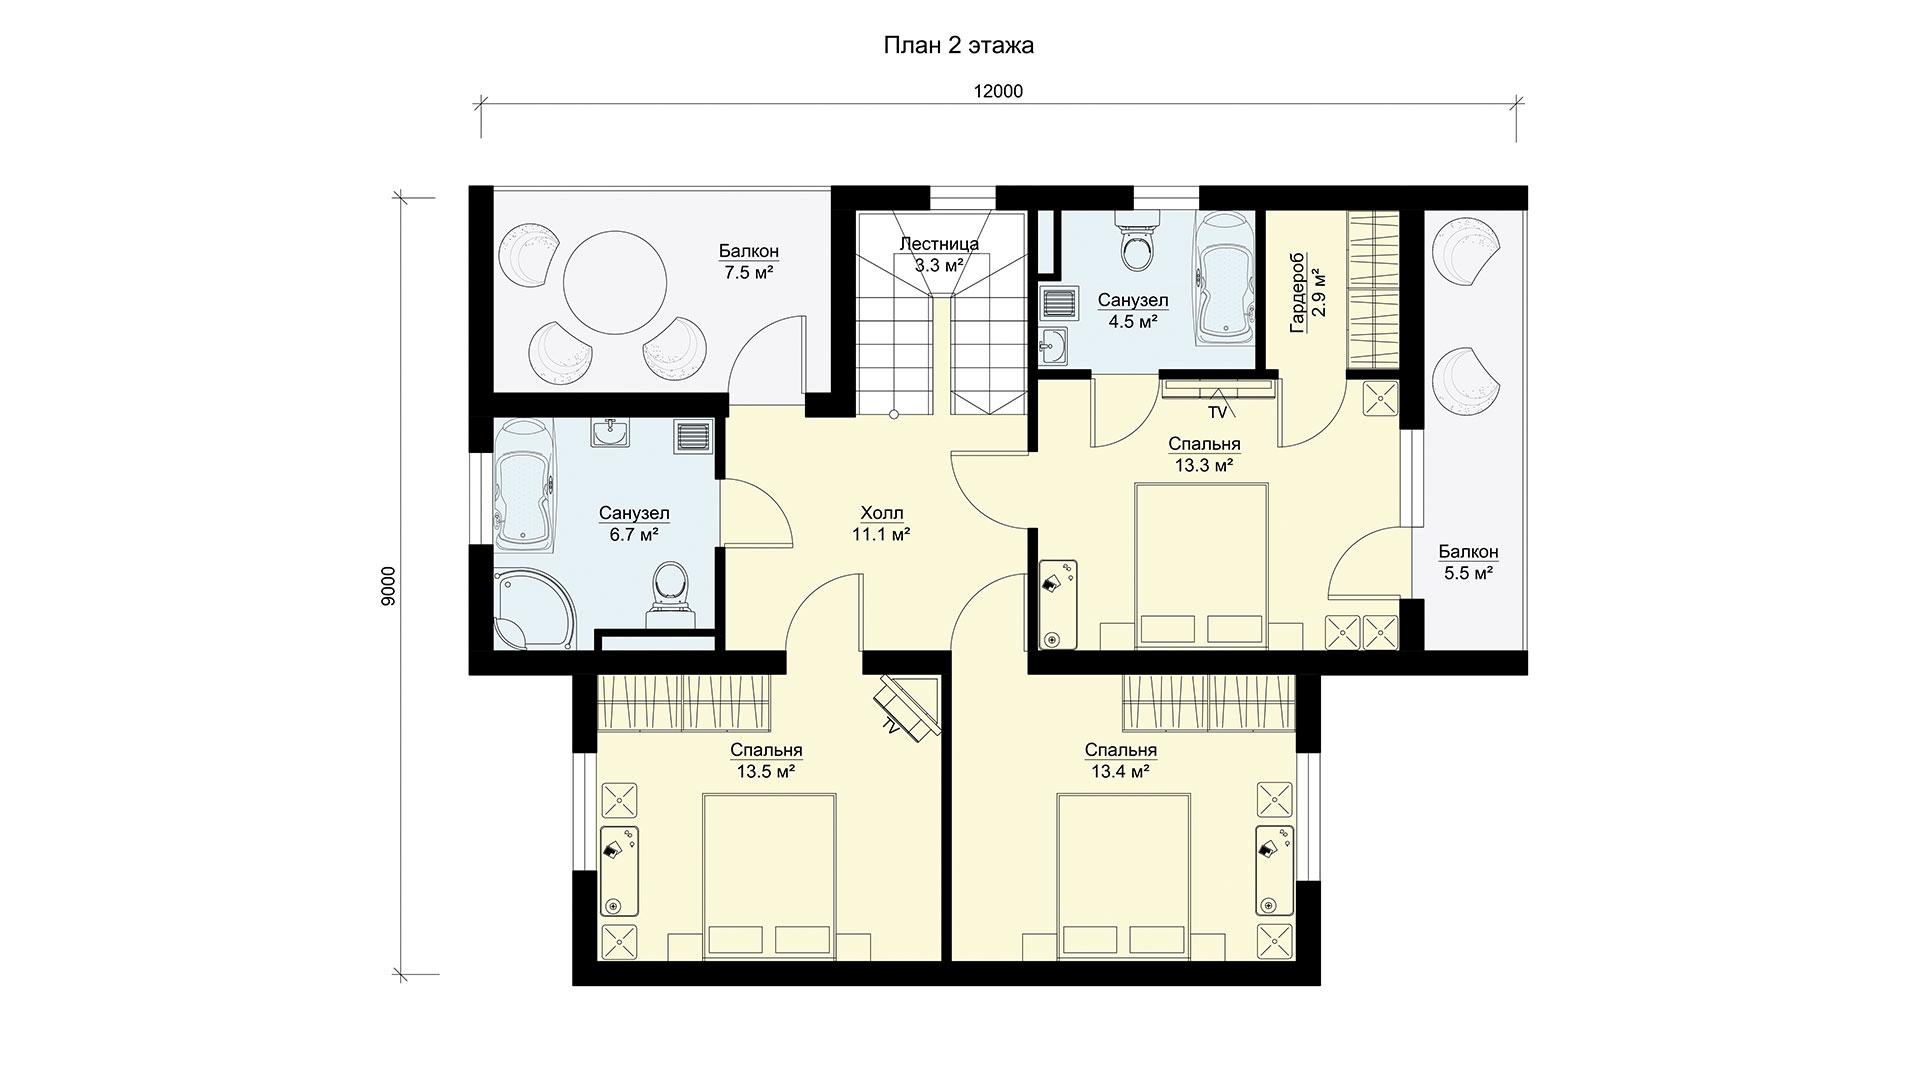 Планировка второго этажа проекта МС-202/2